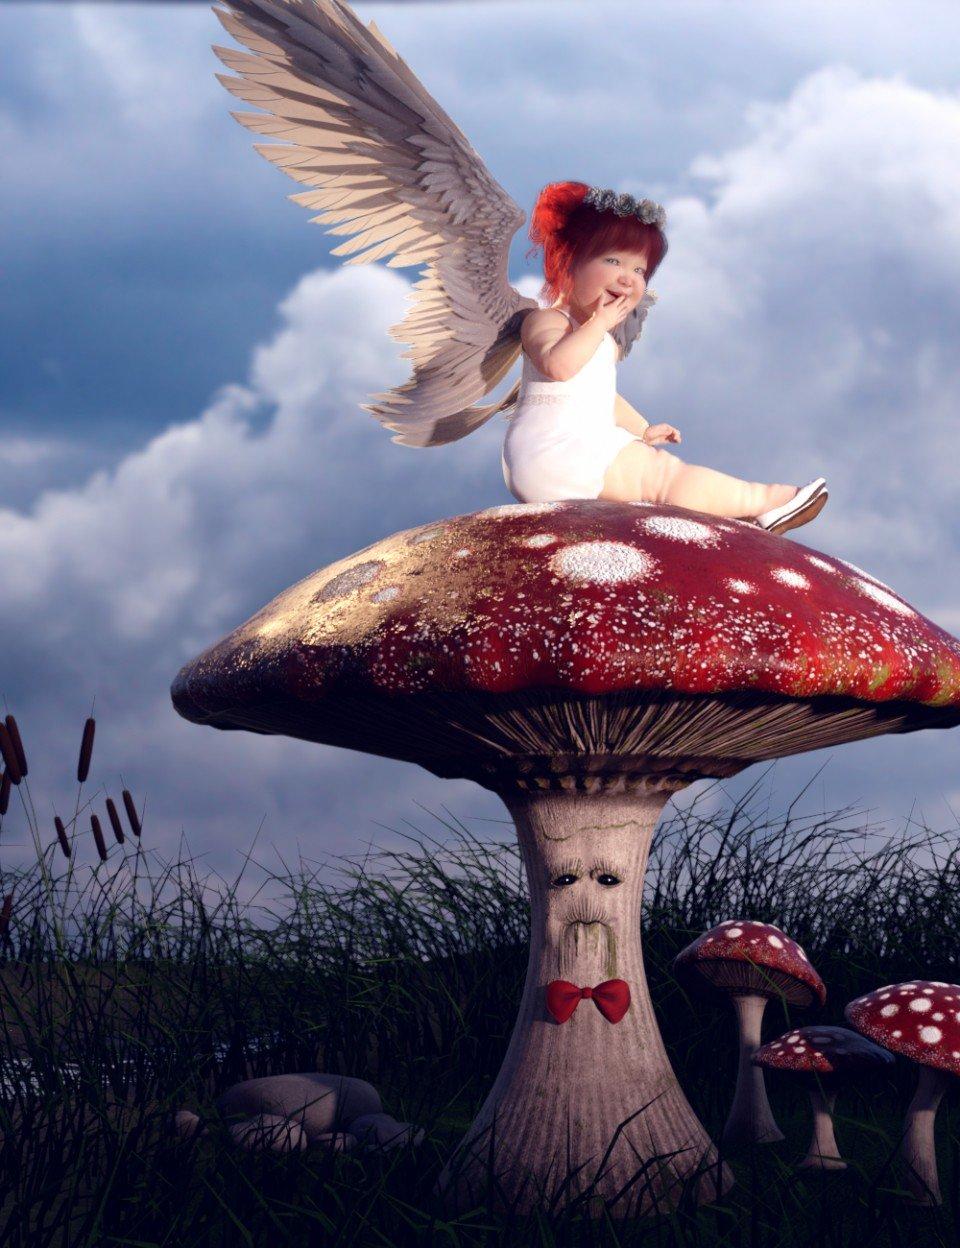 Mister Mushroom_DAZ3D下载站